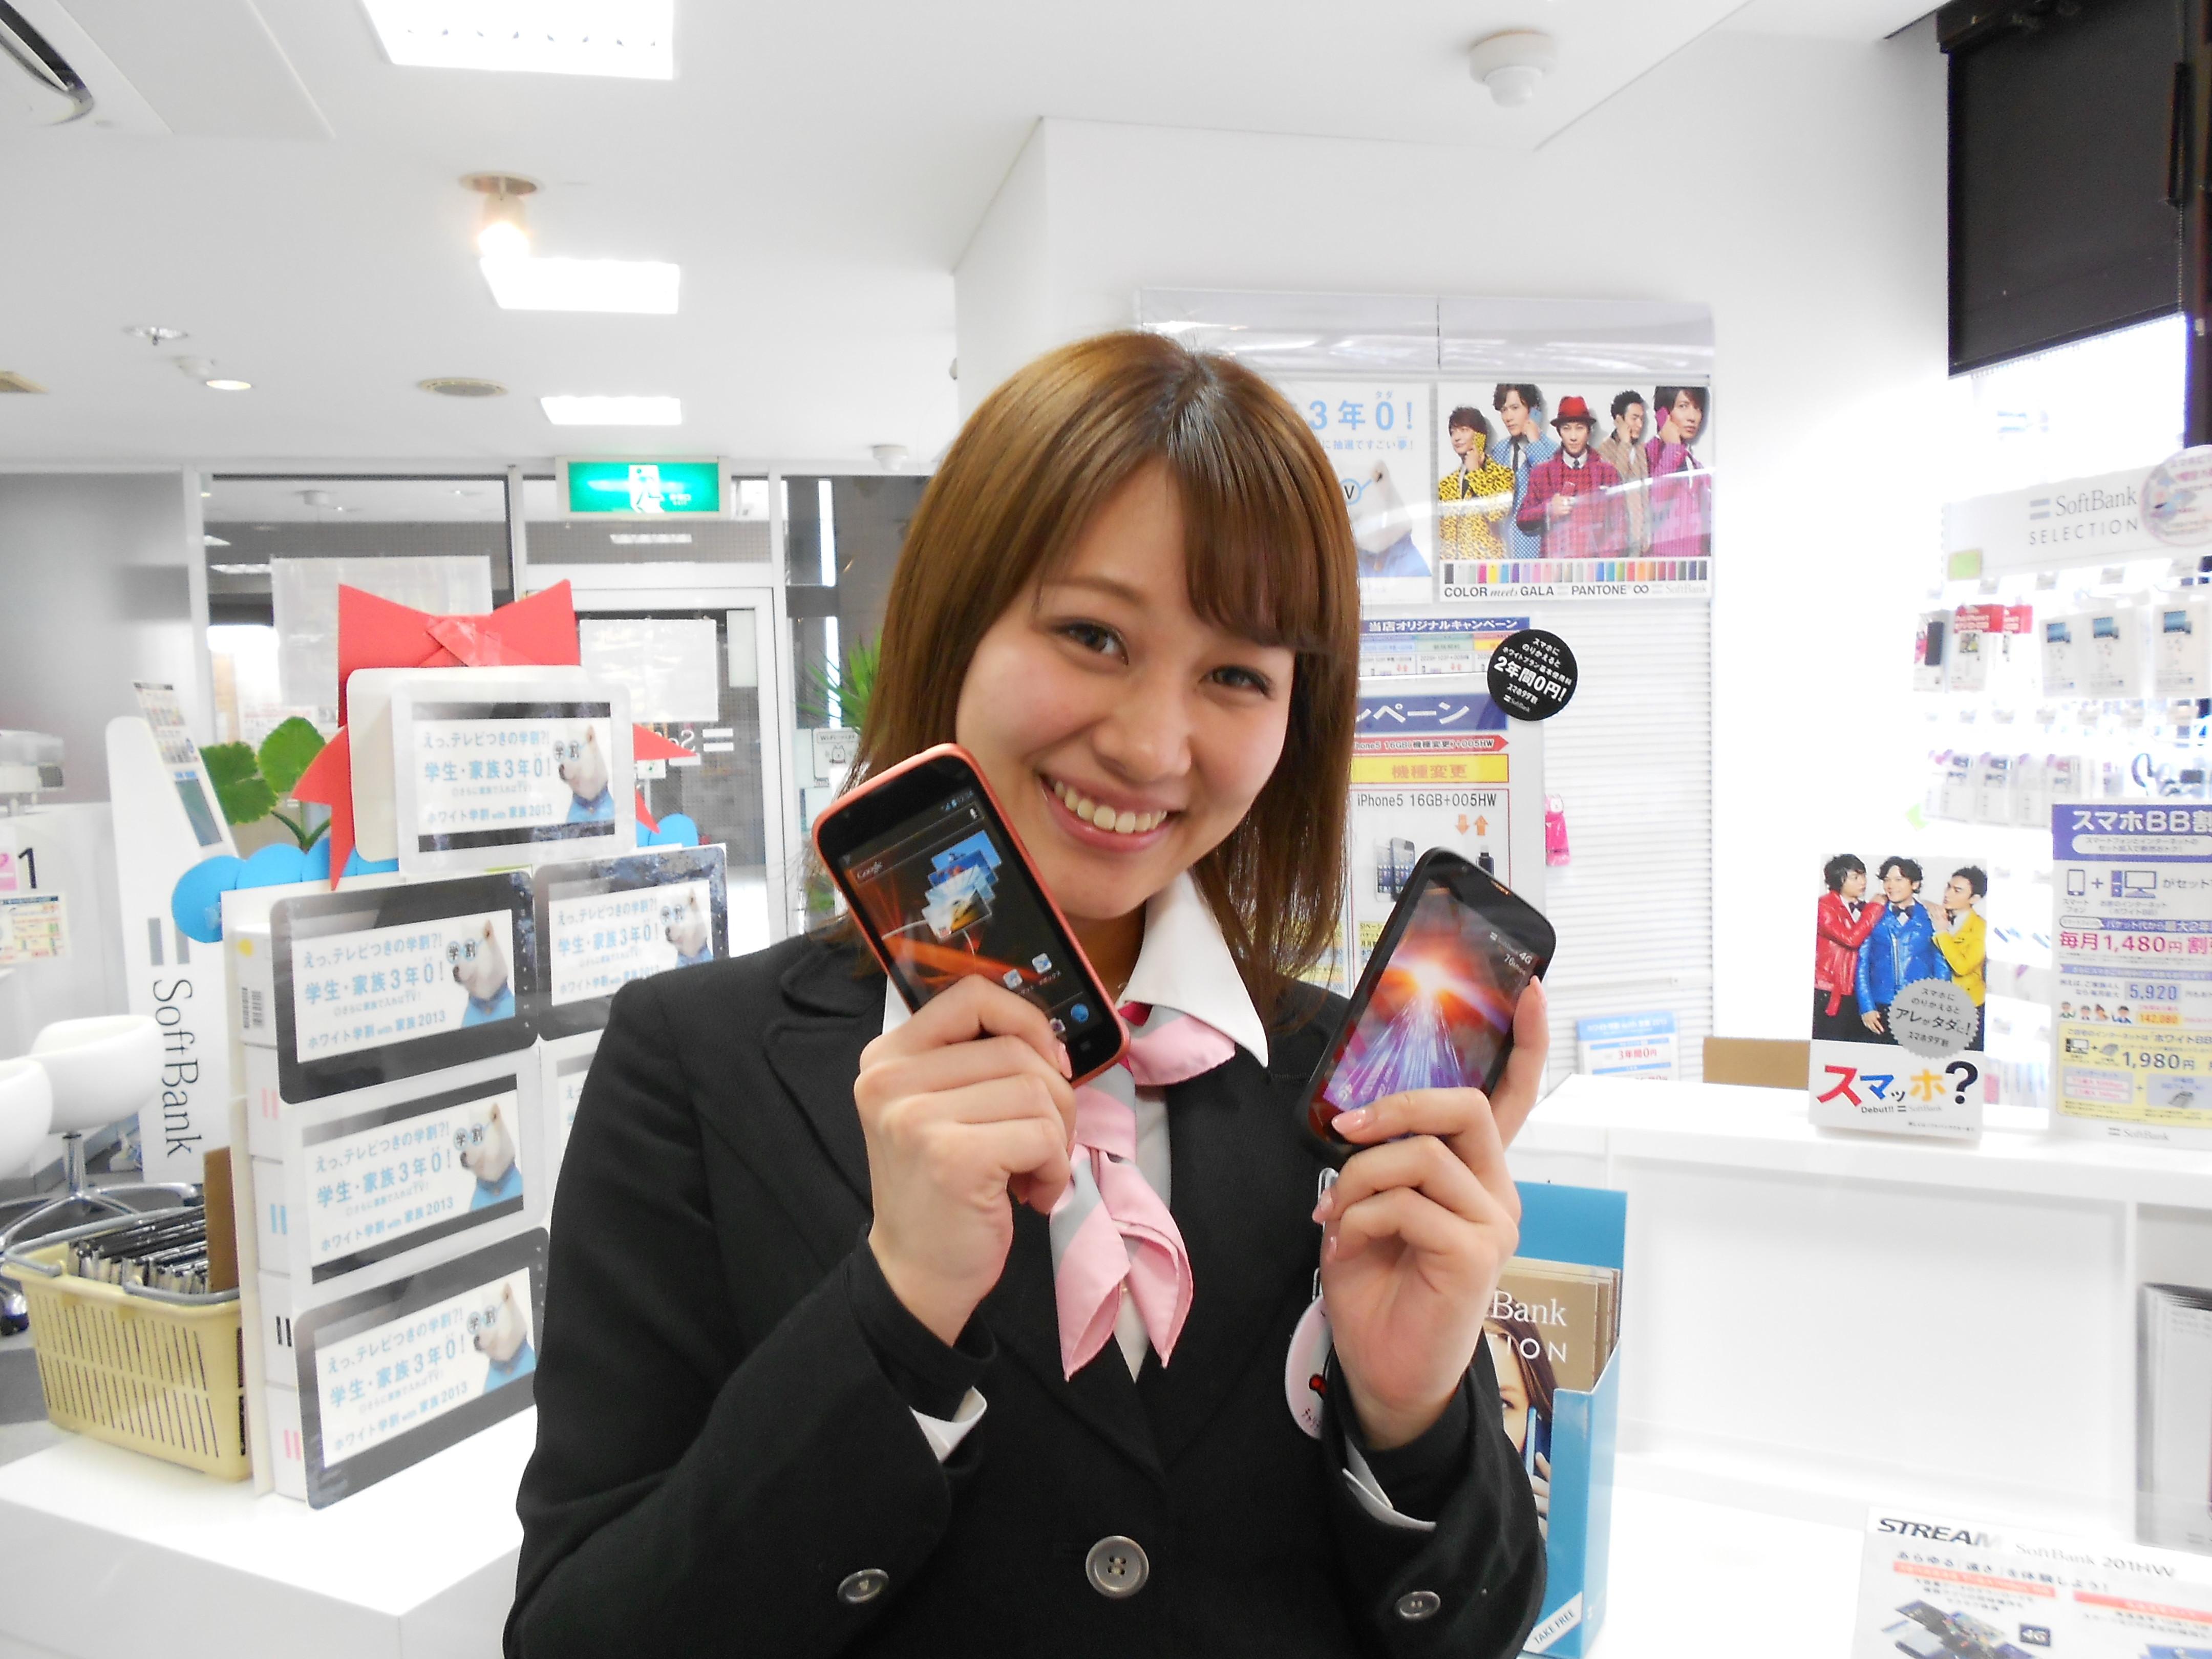 ワイモバイル 新橋一丁目(株式会社シエロ)のアルバイト情報